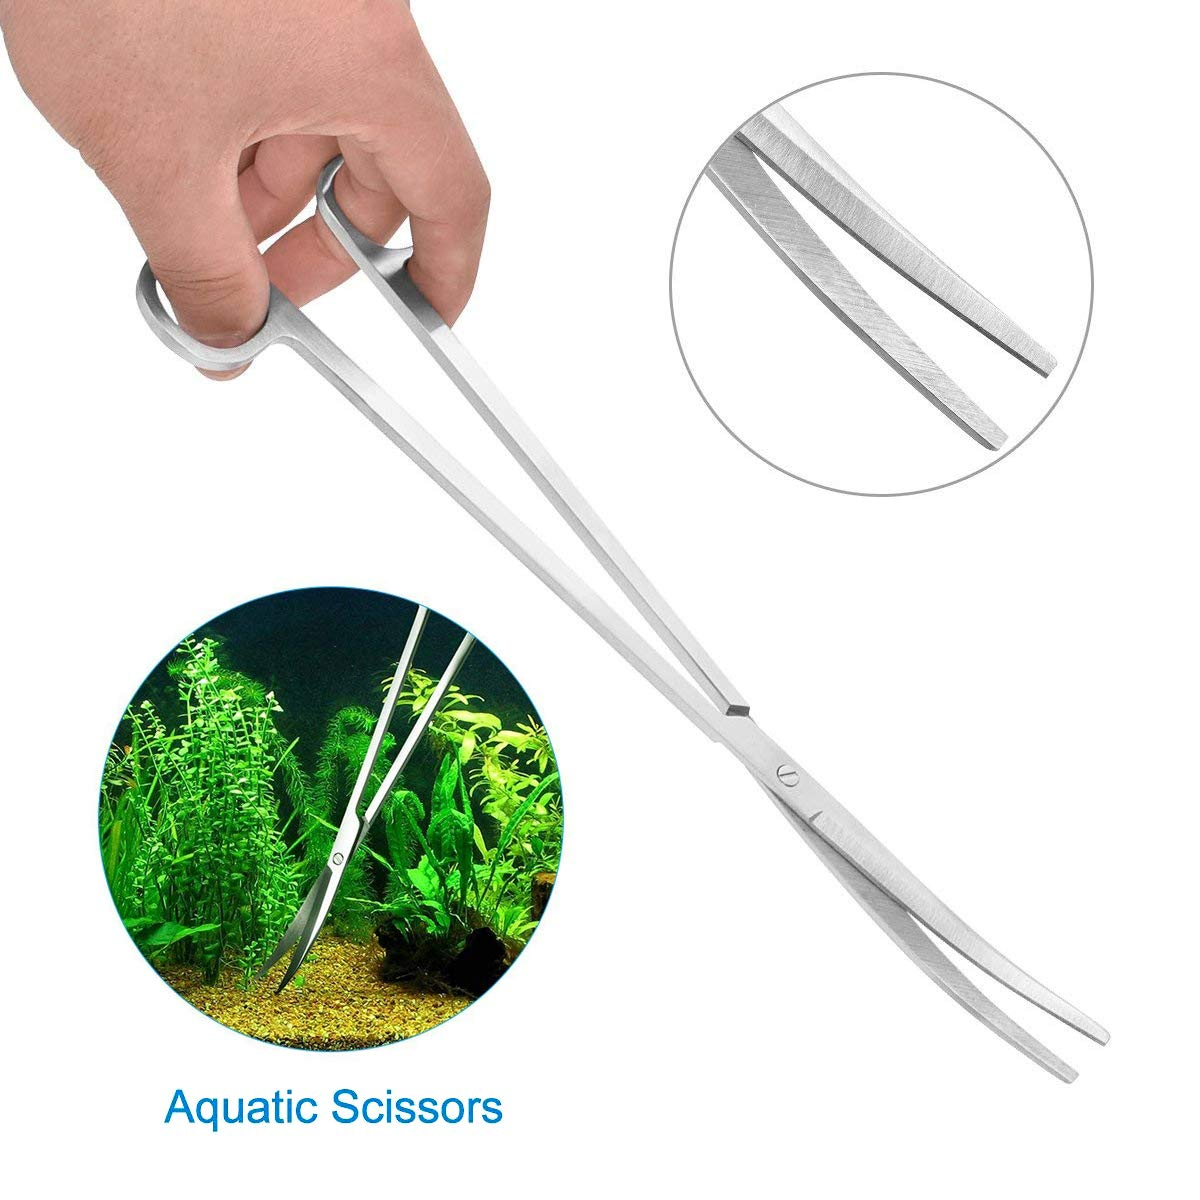 Fodlon Attrezzi per Acquario in Acciaio Inox Kit 5 in 1 Pulitore per acquari per Pesci Strumenti Aquascape Impianto Acquatico Pinze per acquascaping Forbici Pinze Set Raschietto alghe